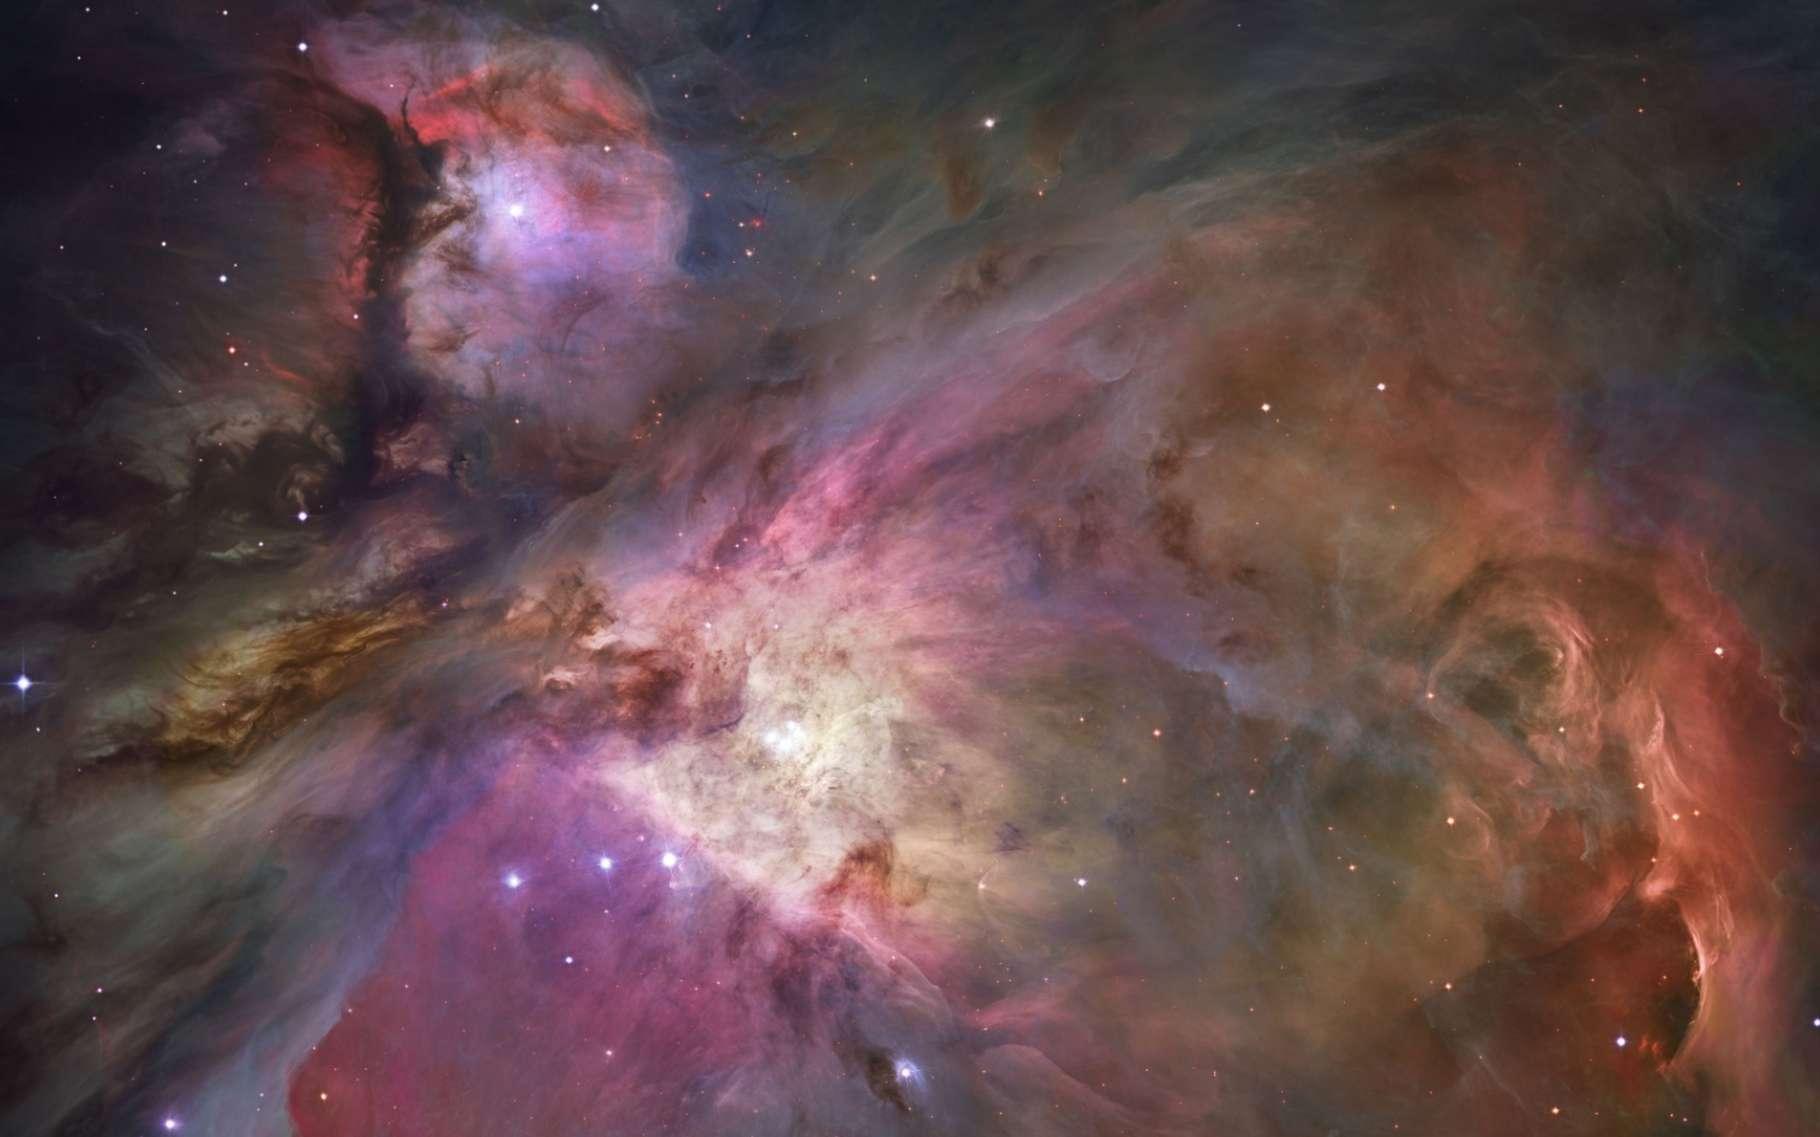 La nébuleuse d'Orion, représentée par une mosaïque d'images saisies par le télescope spatial Hubble en 2006. Dans ces immenses nuages de gaz, qui renferment de l'eau et d'autres molécules, se forment des étoiles et leurs cortèges de planètes. © Nasa, ESA